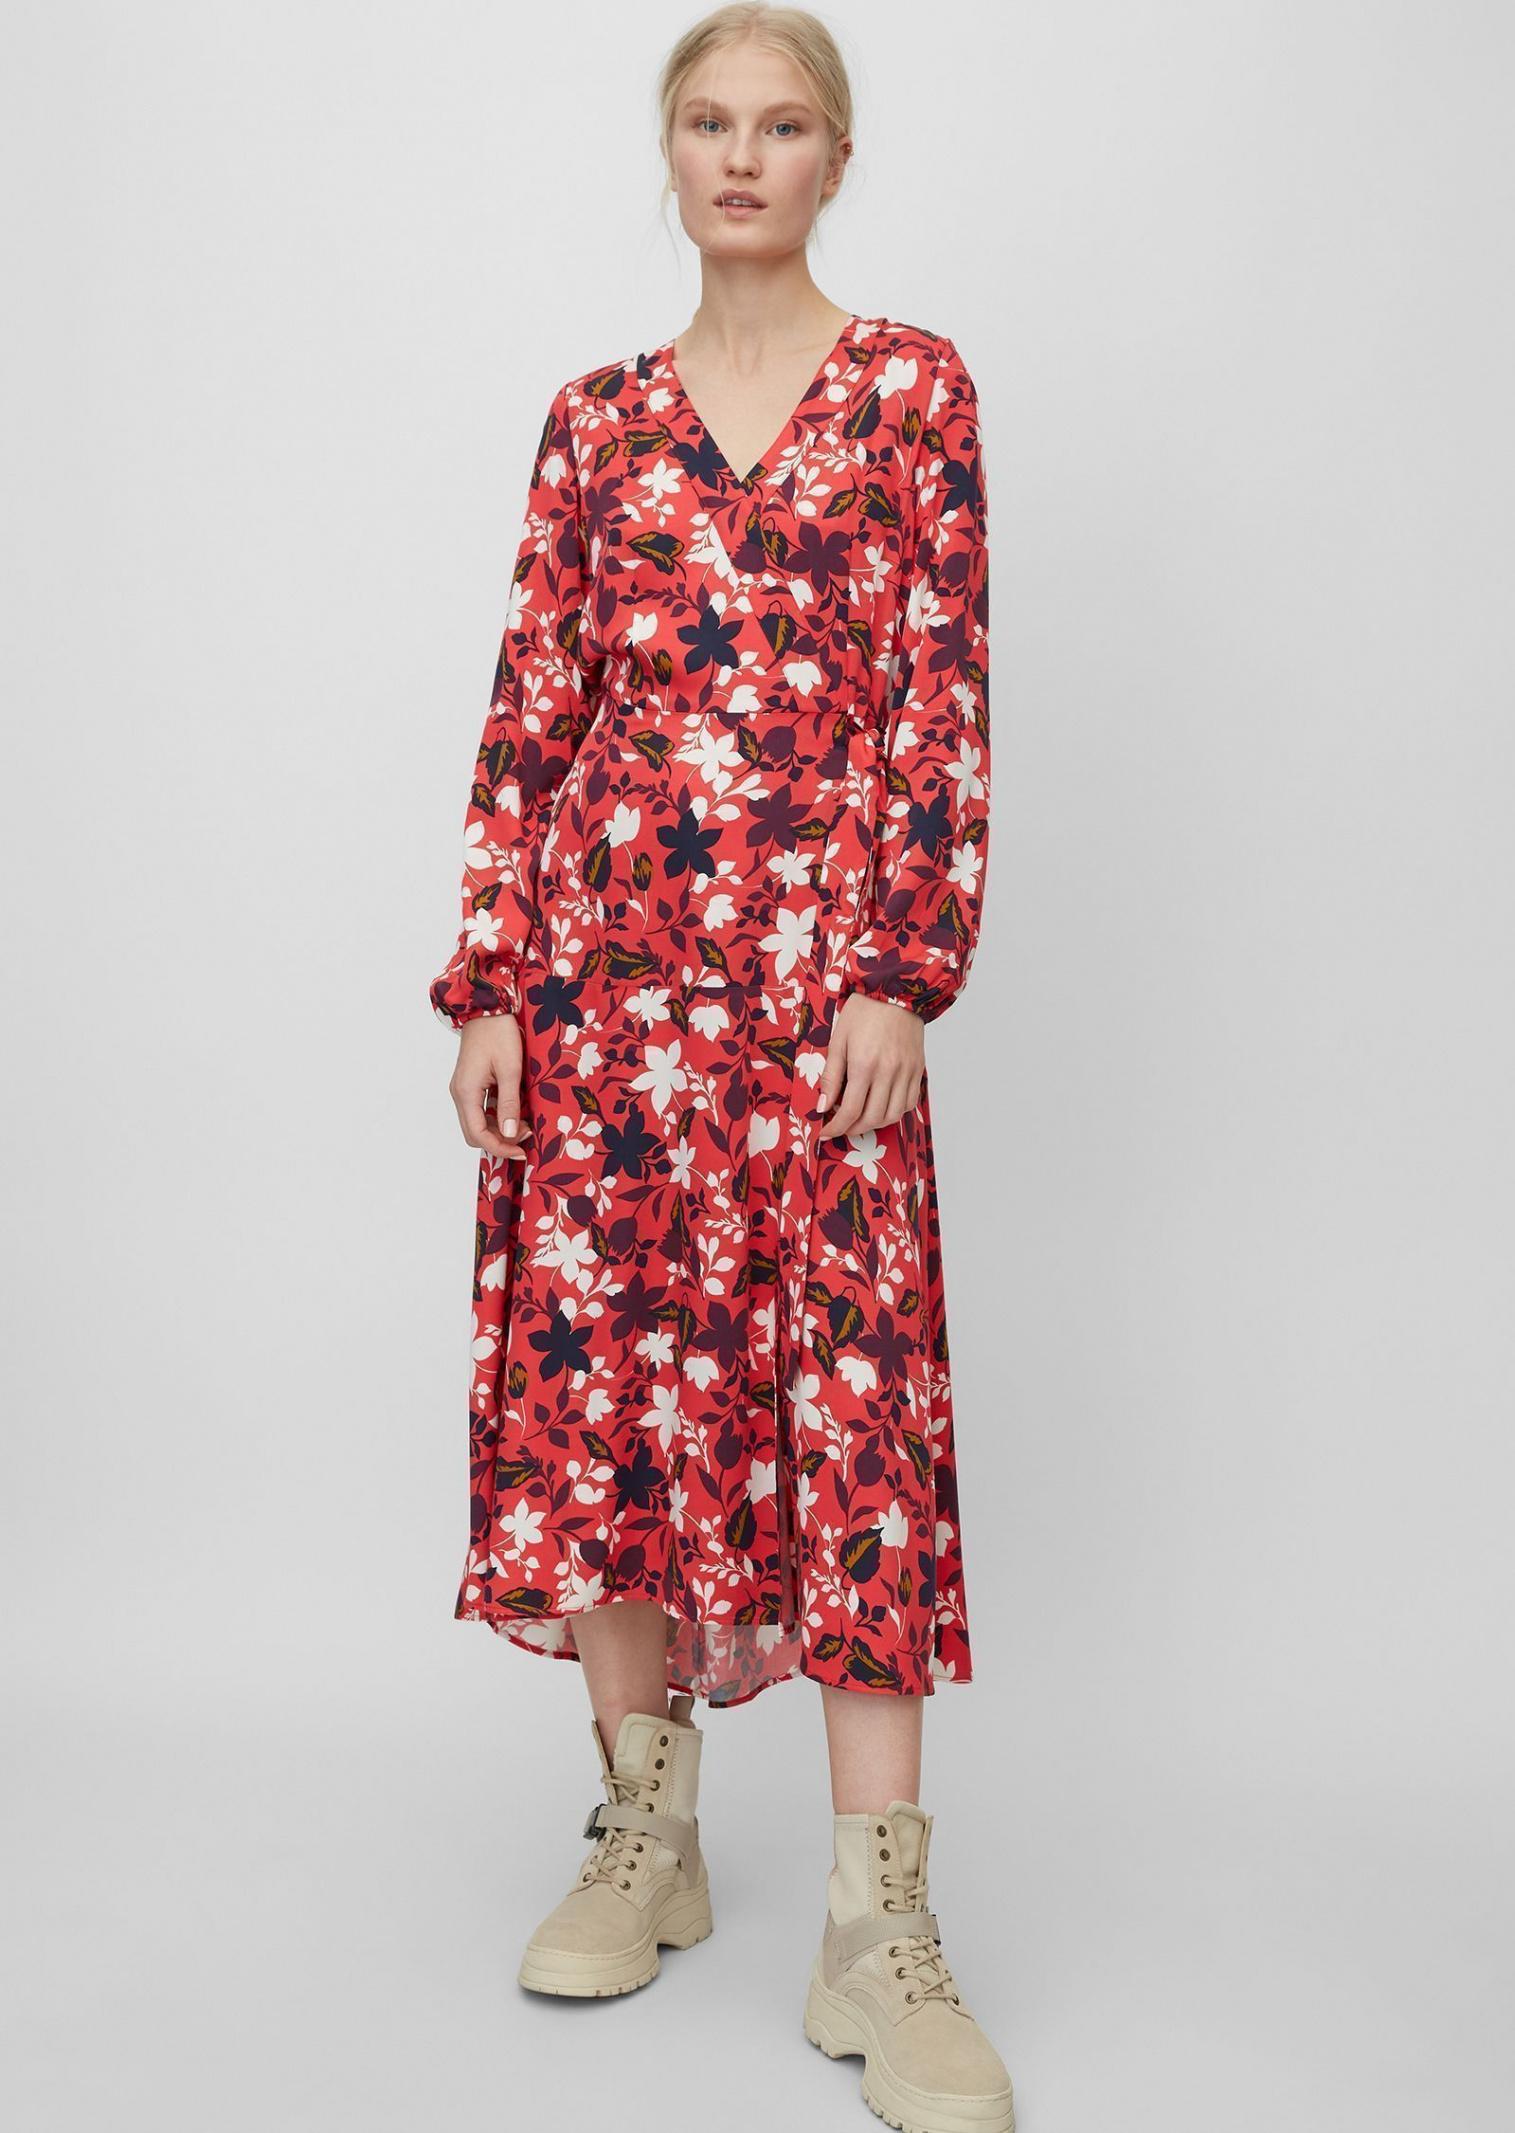 MARC O'POLO Сукня жіночі модель 001098521191-B02 , 2017